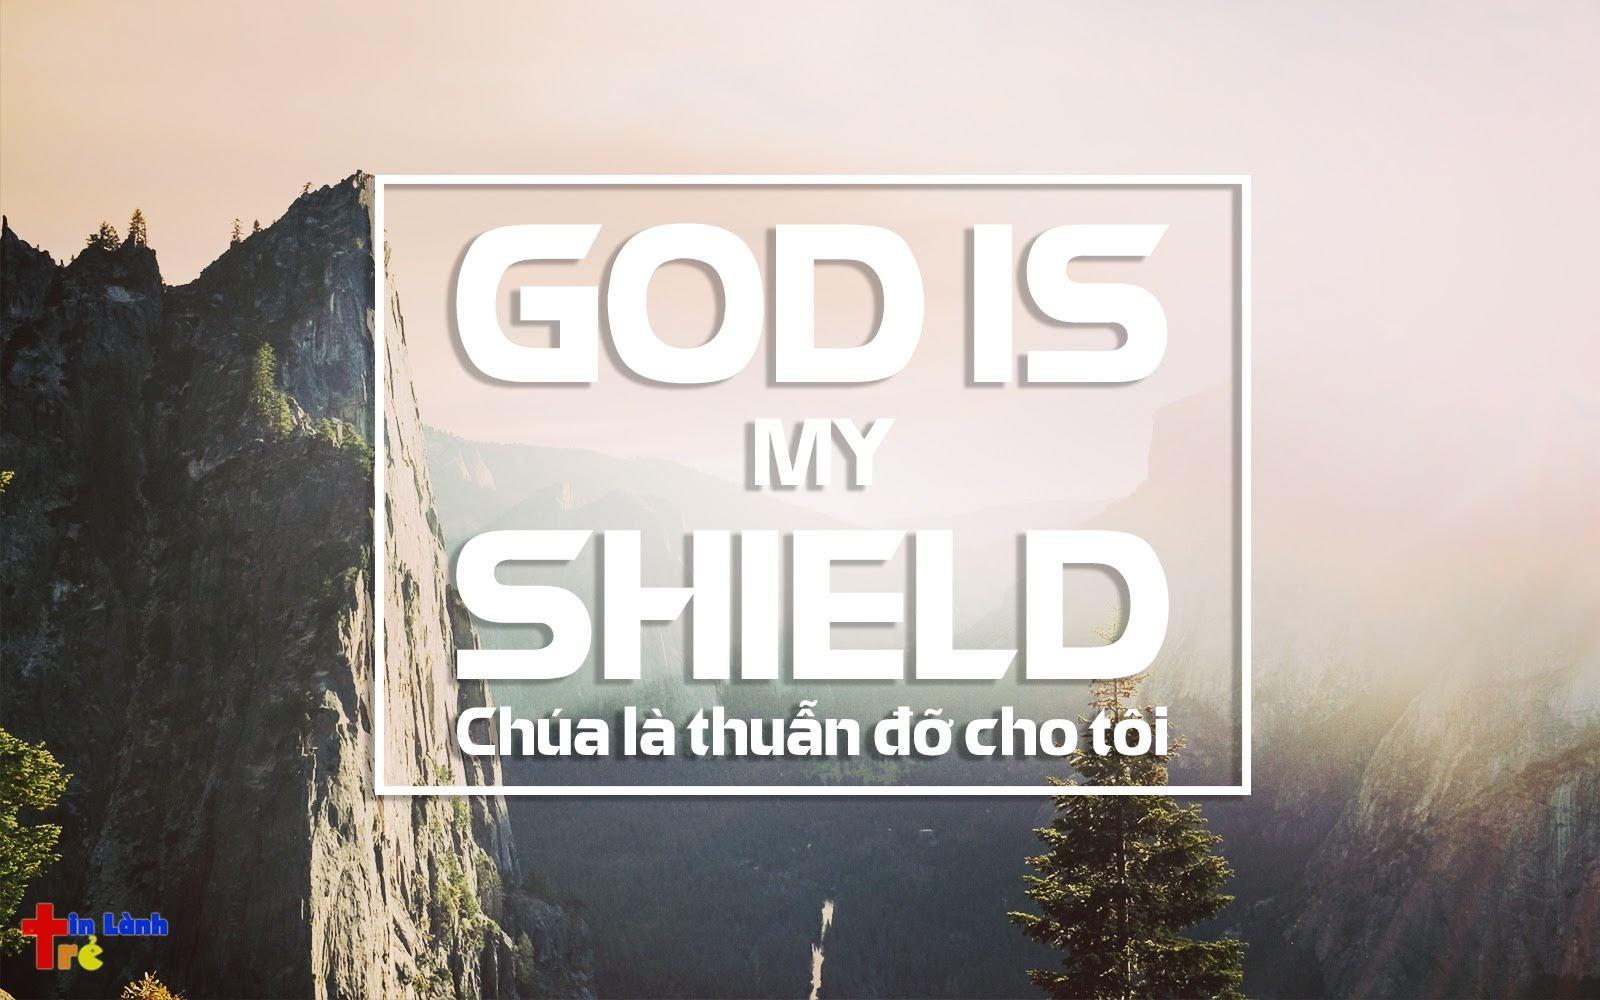 God is my shield - Chúa là thuẫn đỡ cho tôi